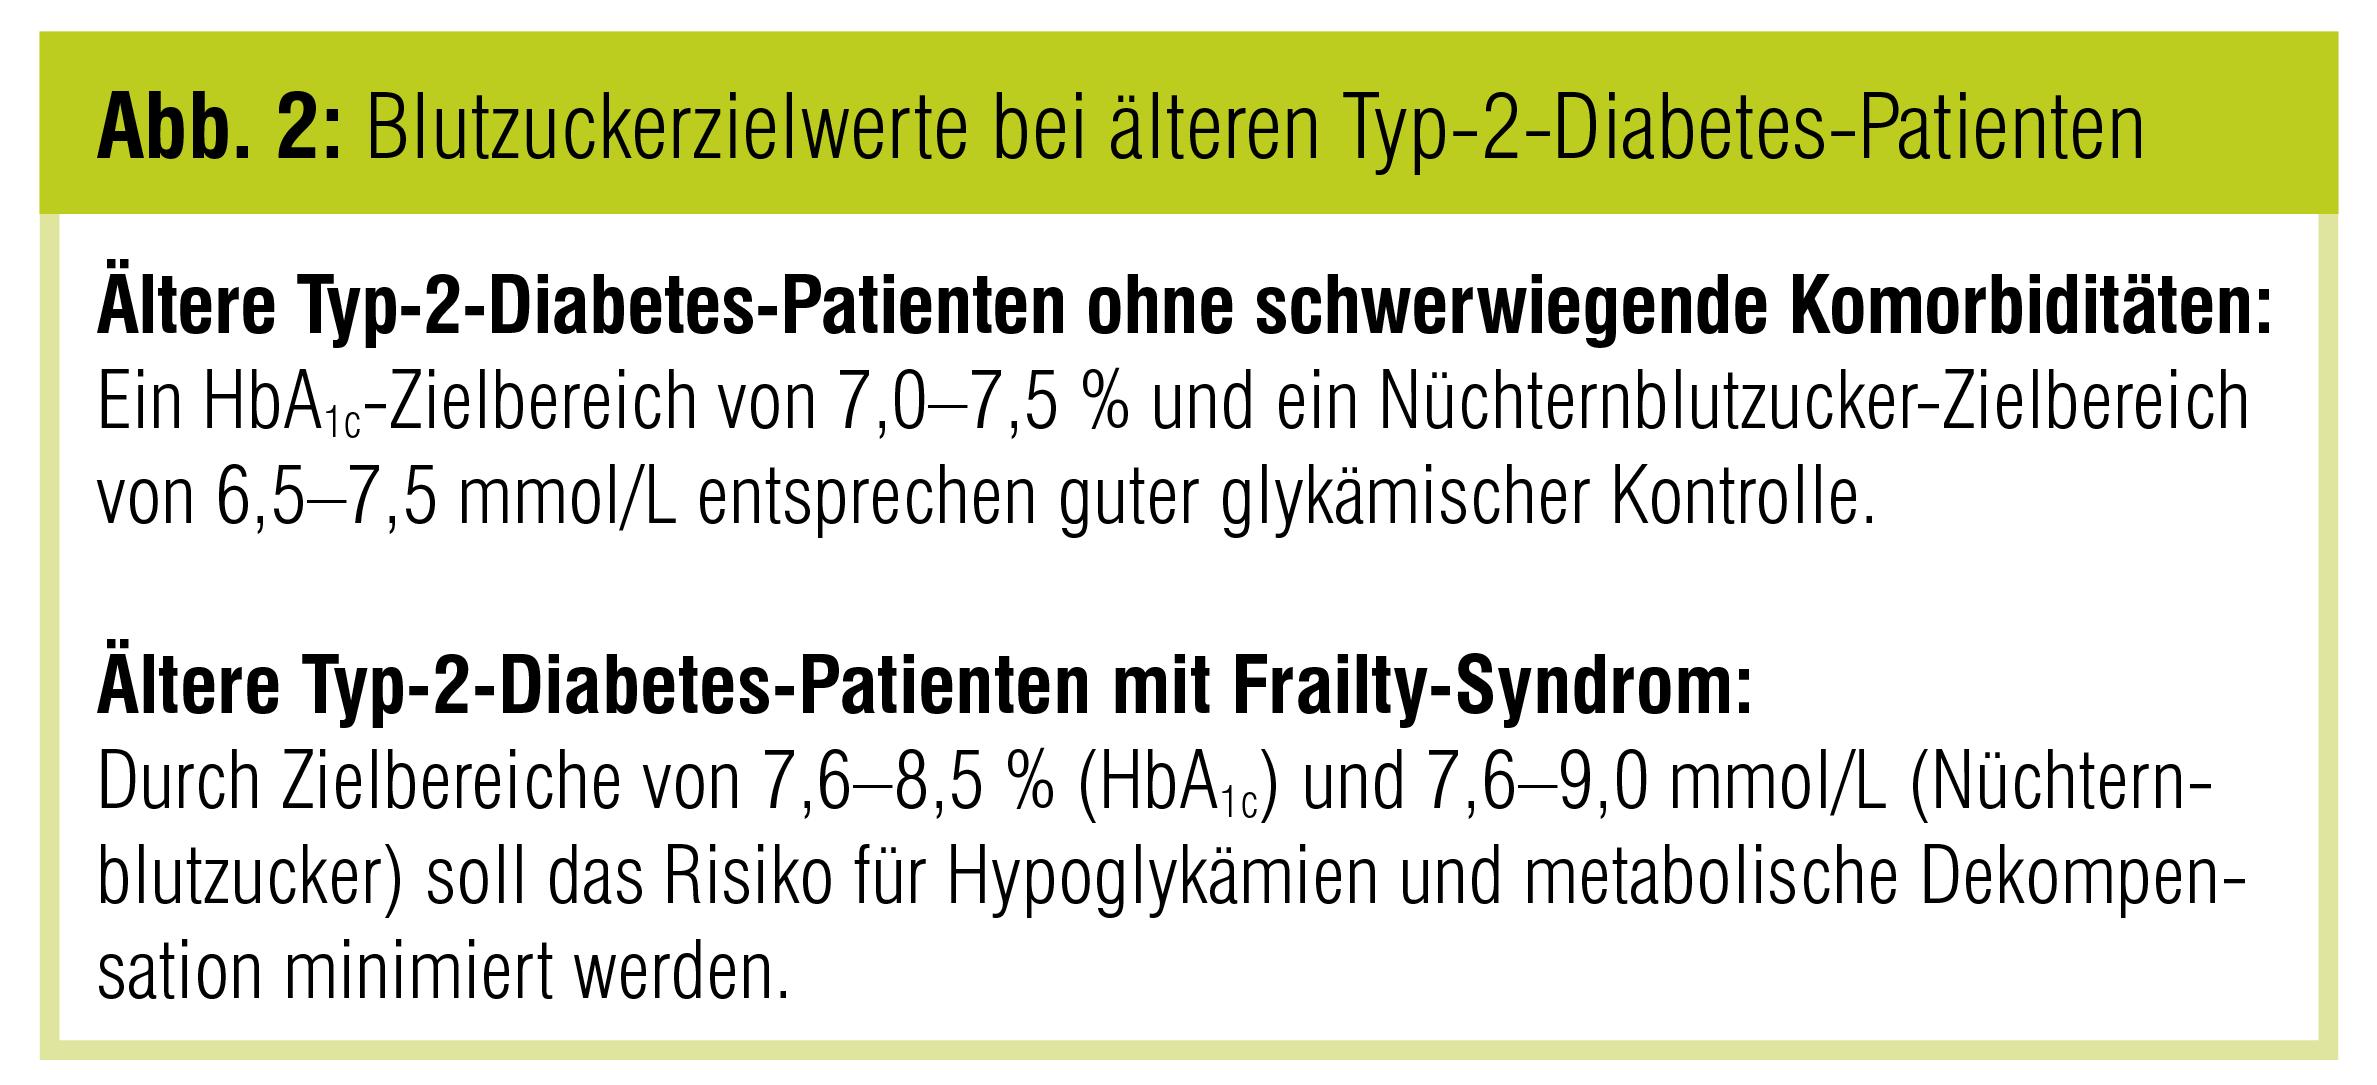 Reaktive Hypoglykämie und Gewichtsverlust